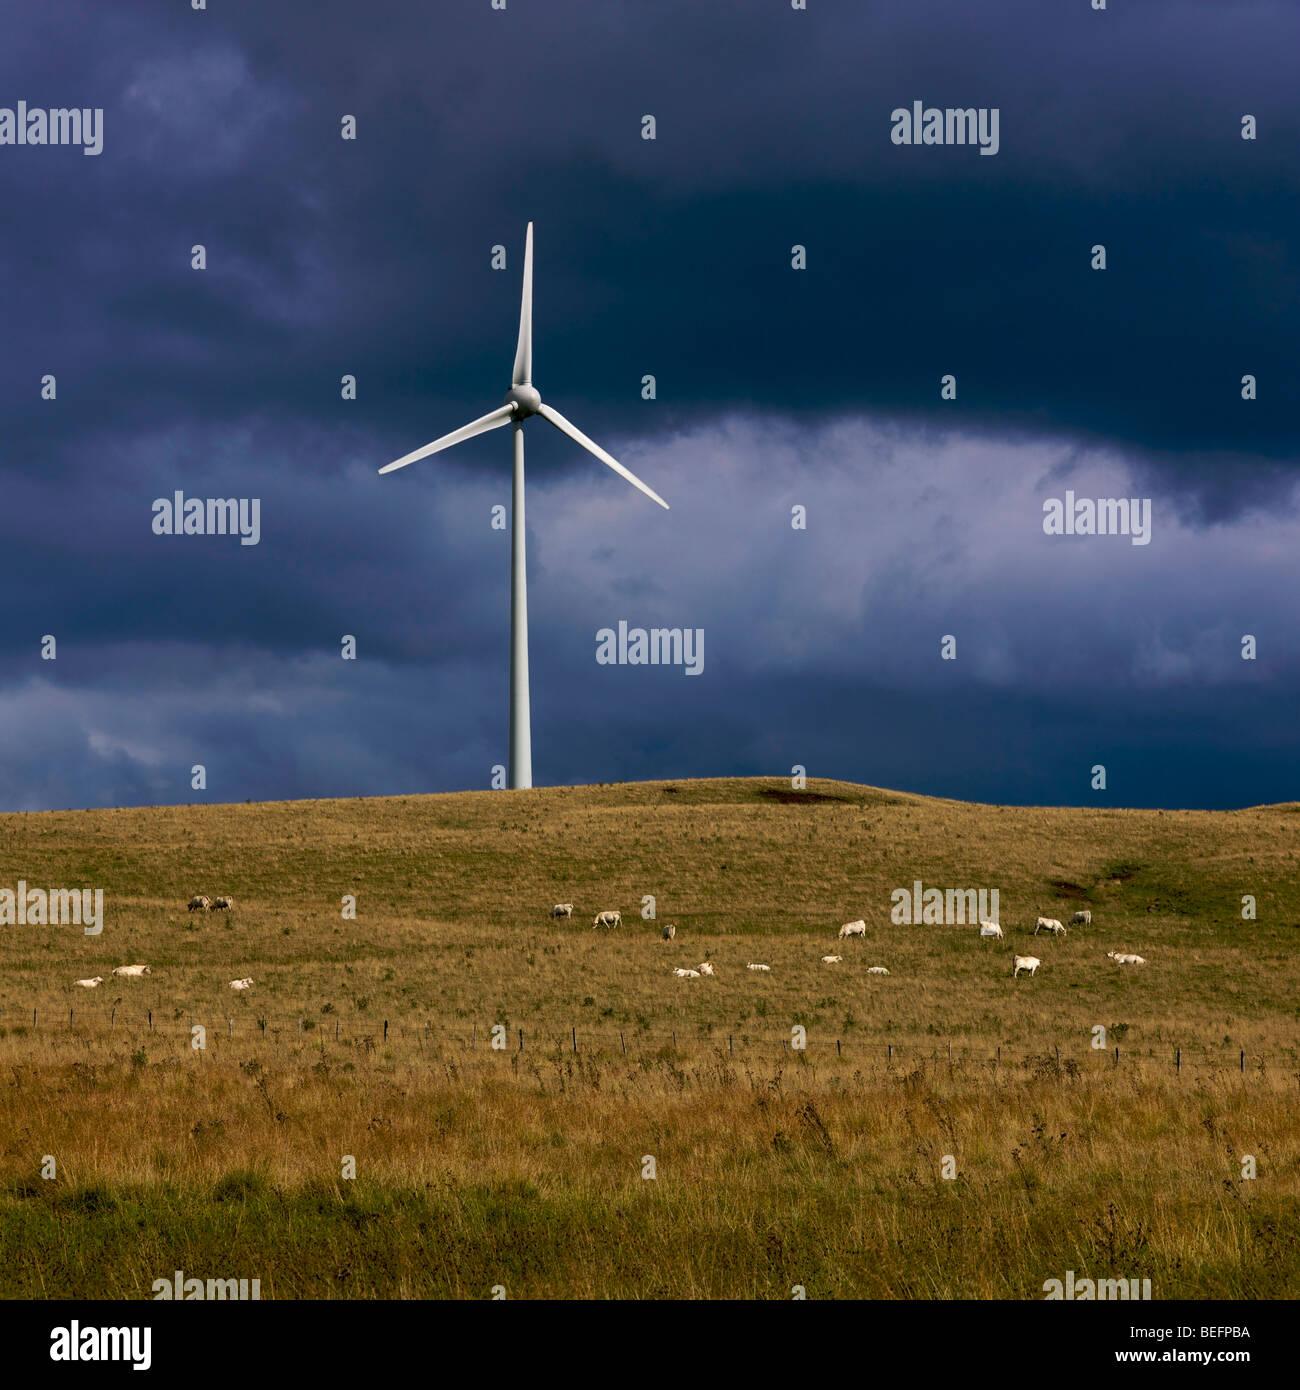 Große Windkraftanlage auf einem Plateau in einer ländlichen Umgebung mit dunklen Gewitterhimmel Stockbild